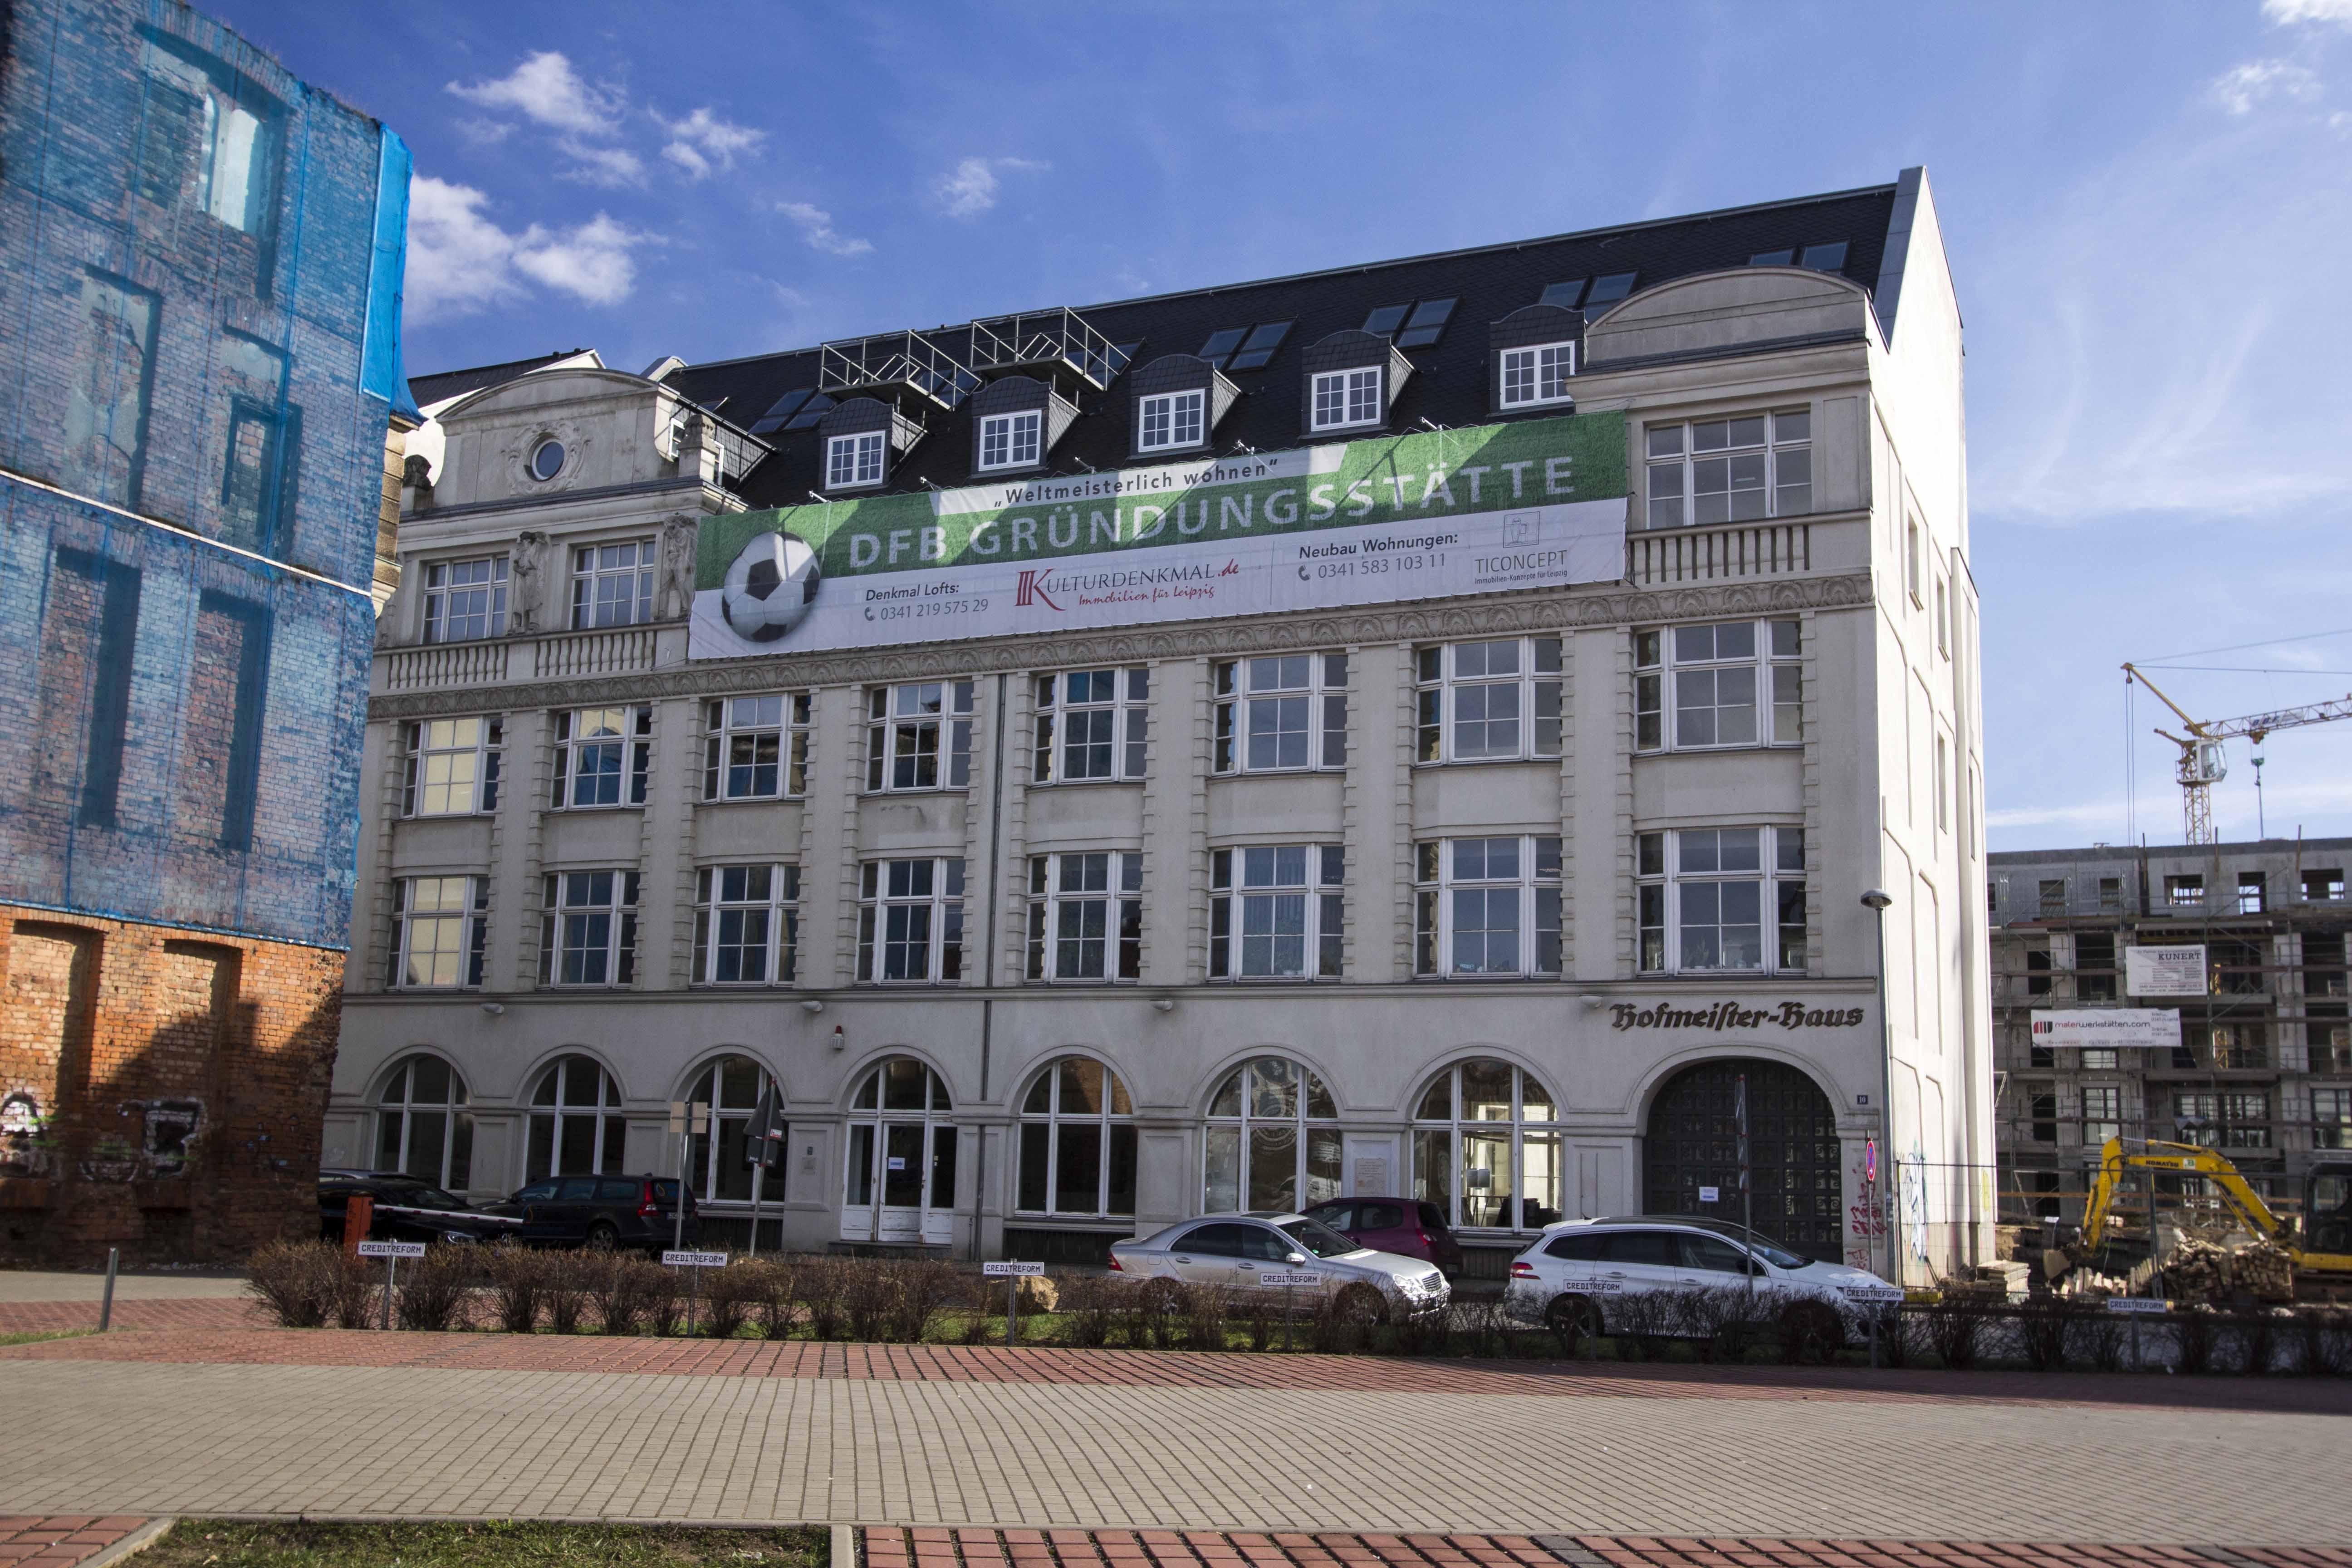 DFB Gründungshaus - Hofmeister Haus